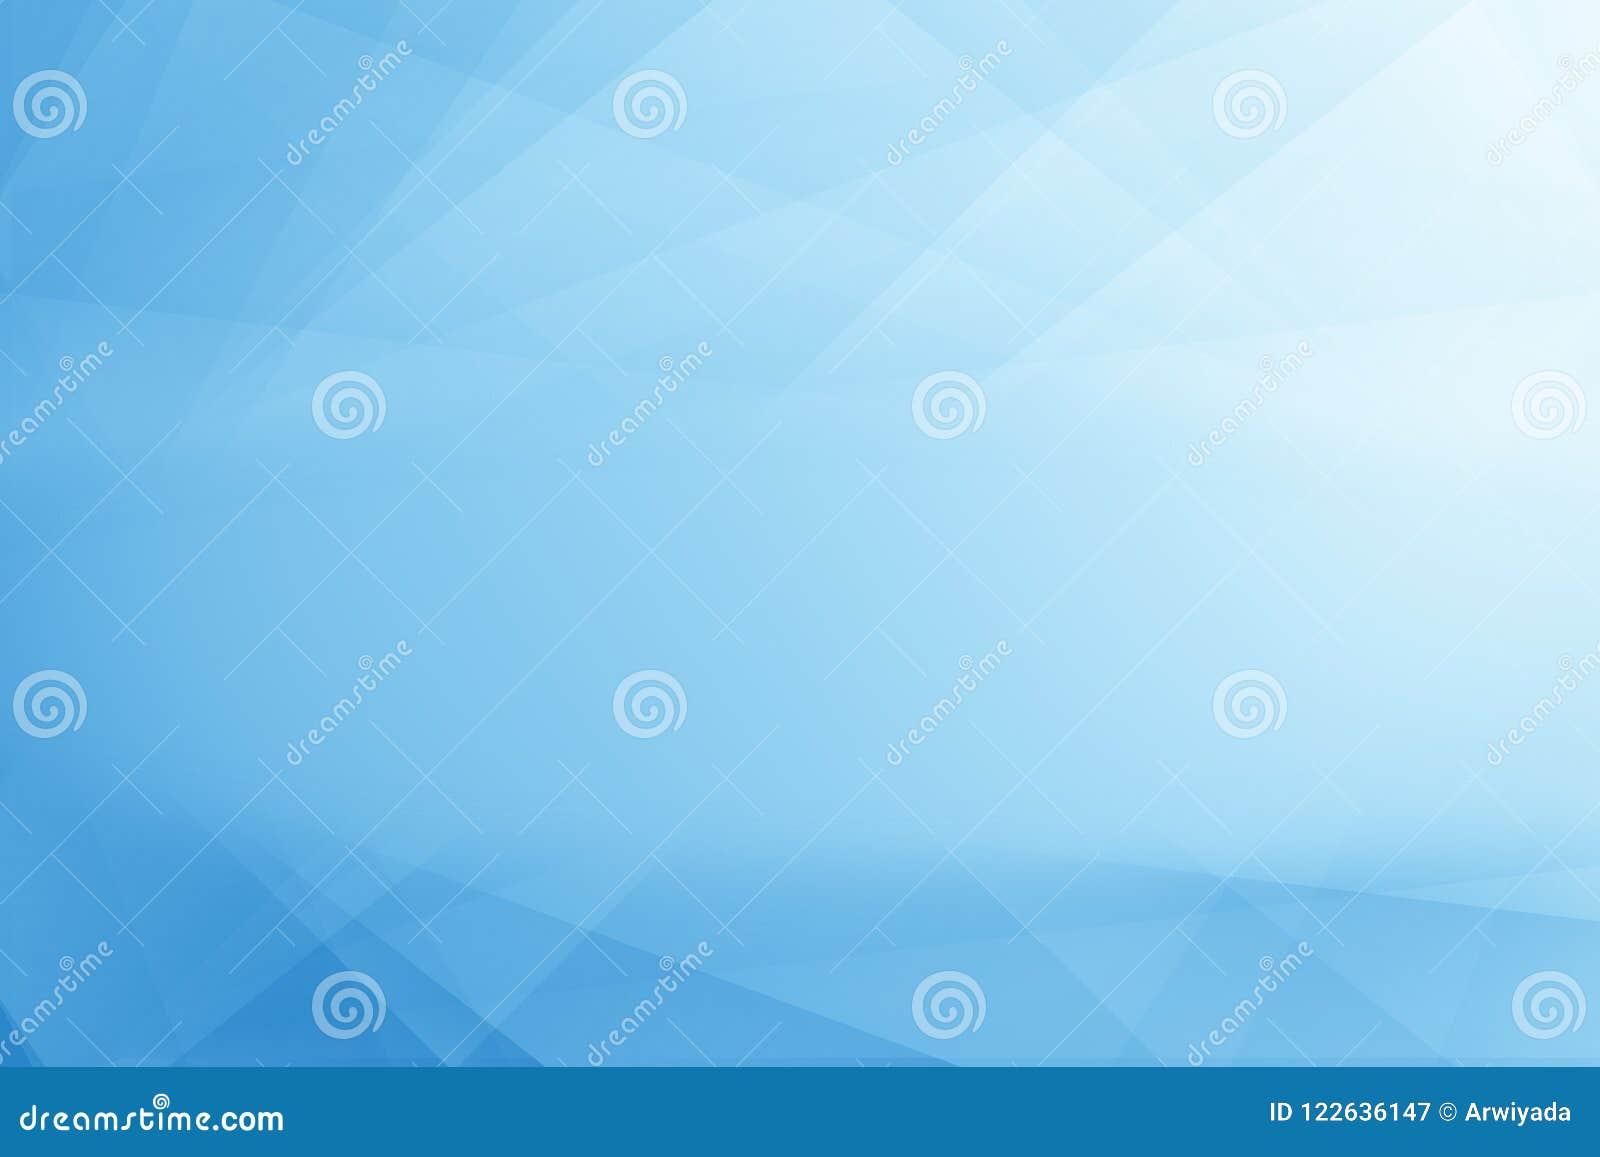 Αφηρημένη σκίαση τεχνών γραμμών γεωμετρίας και ελαφρύ blu χρώματος κλίσης